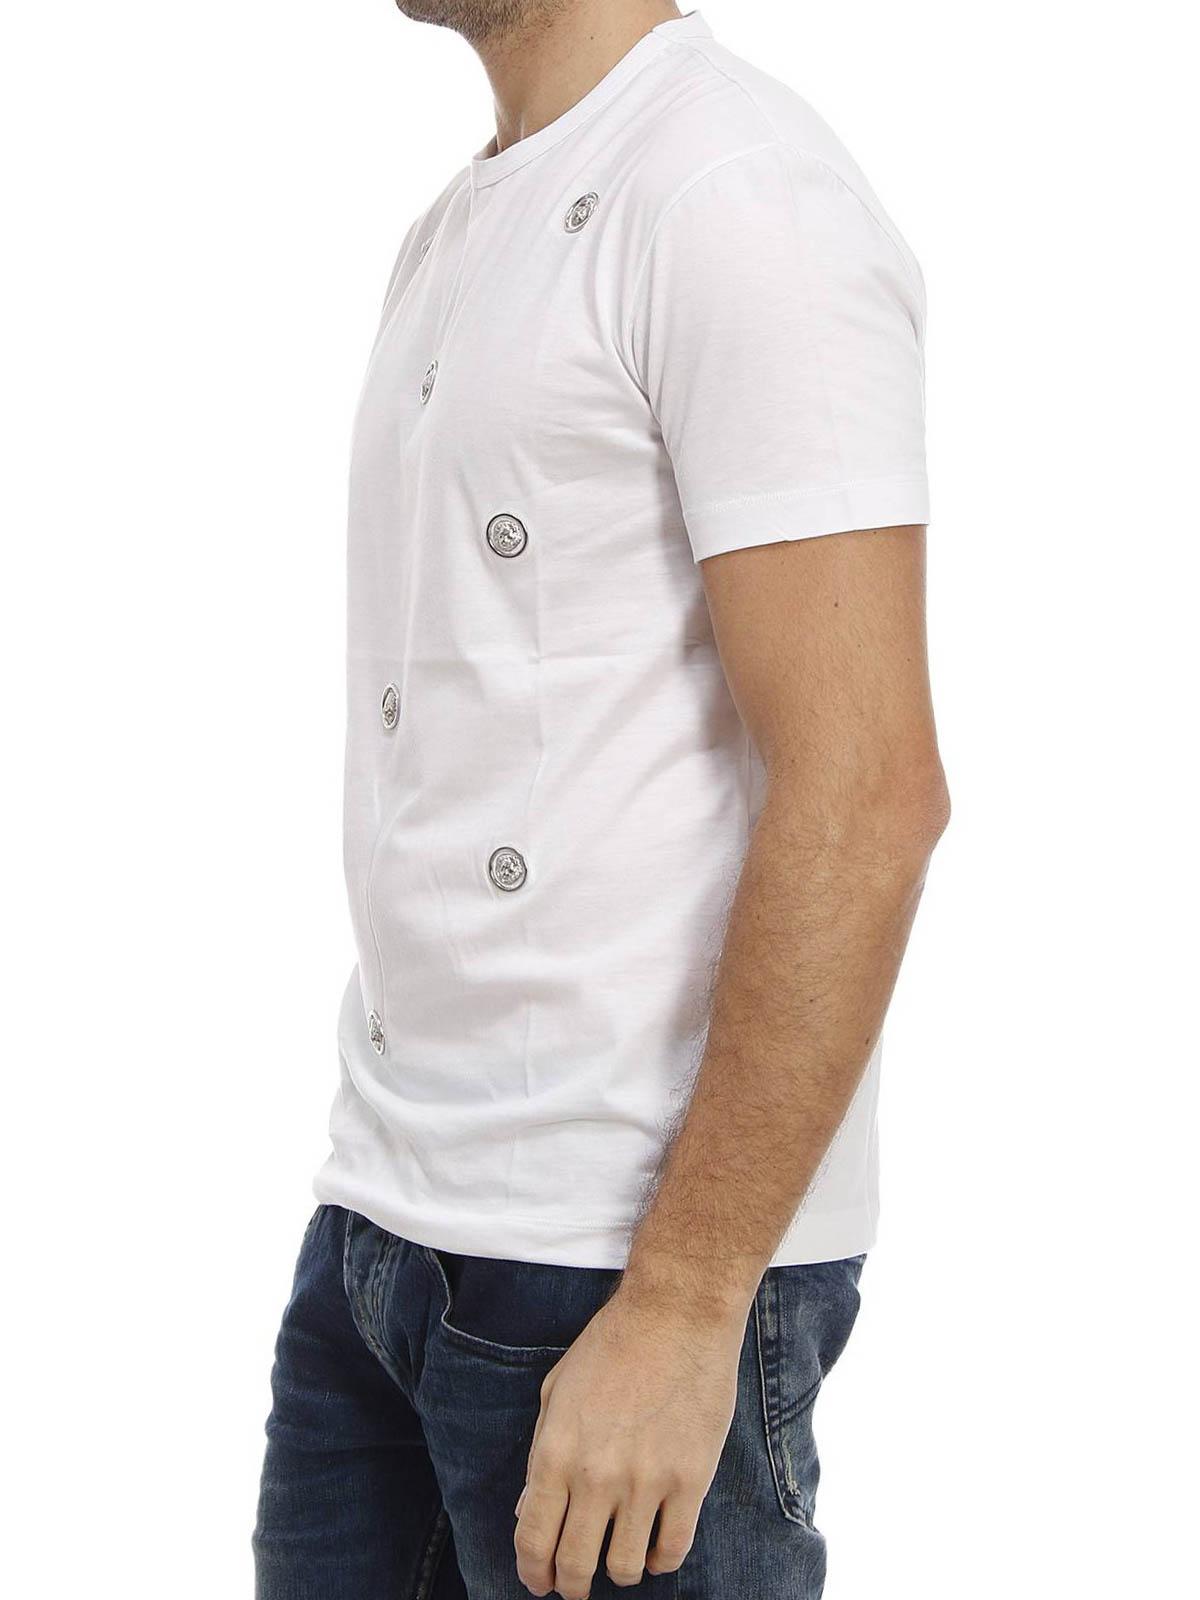 614a0253 Versus Versace - Lion Head studded T-shirt - t-shirts - BU90232 ...